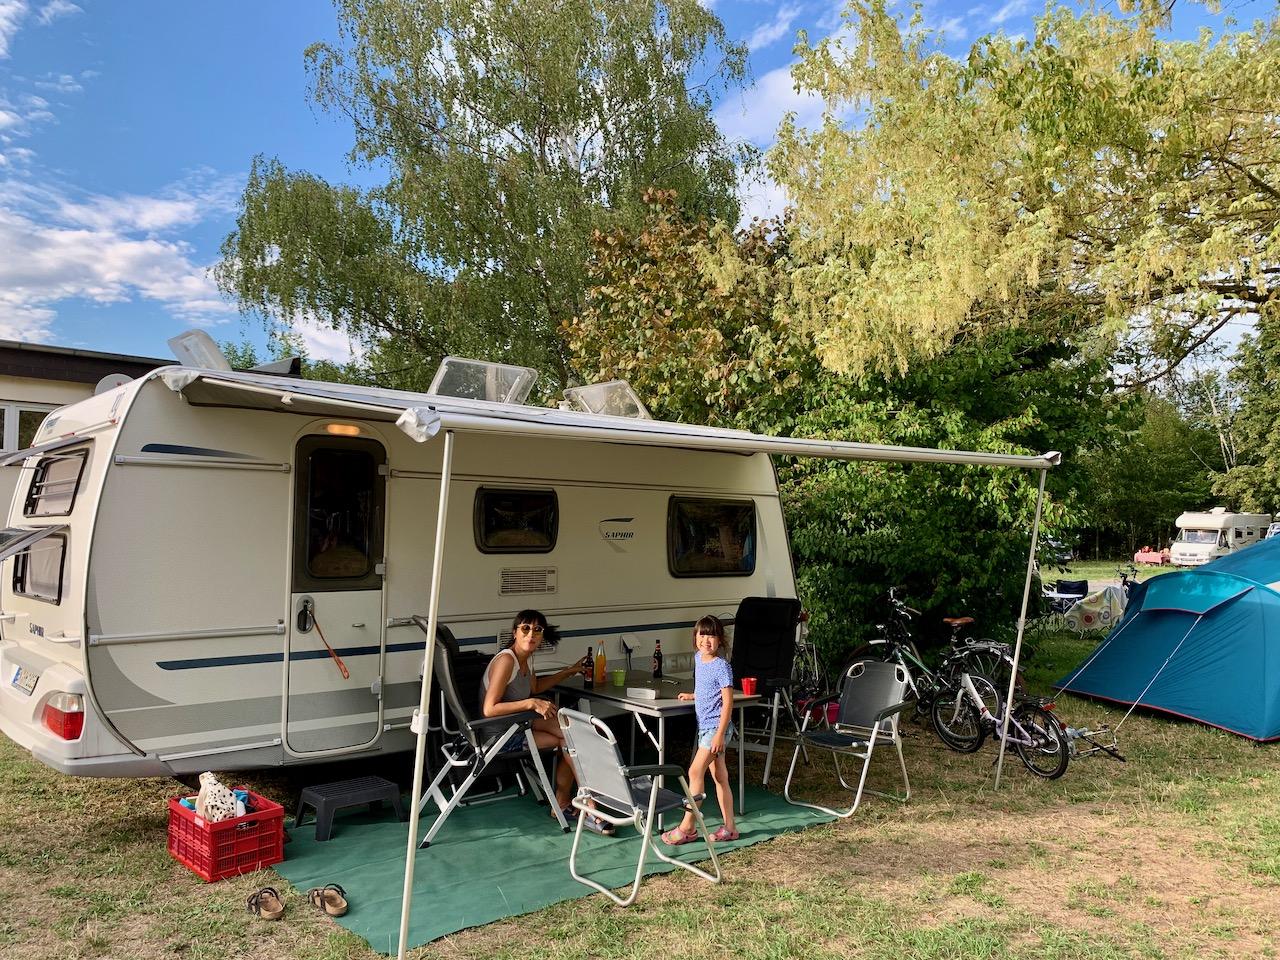 Camping Hattenheim, Eltville am Rhein, Rheingau